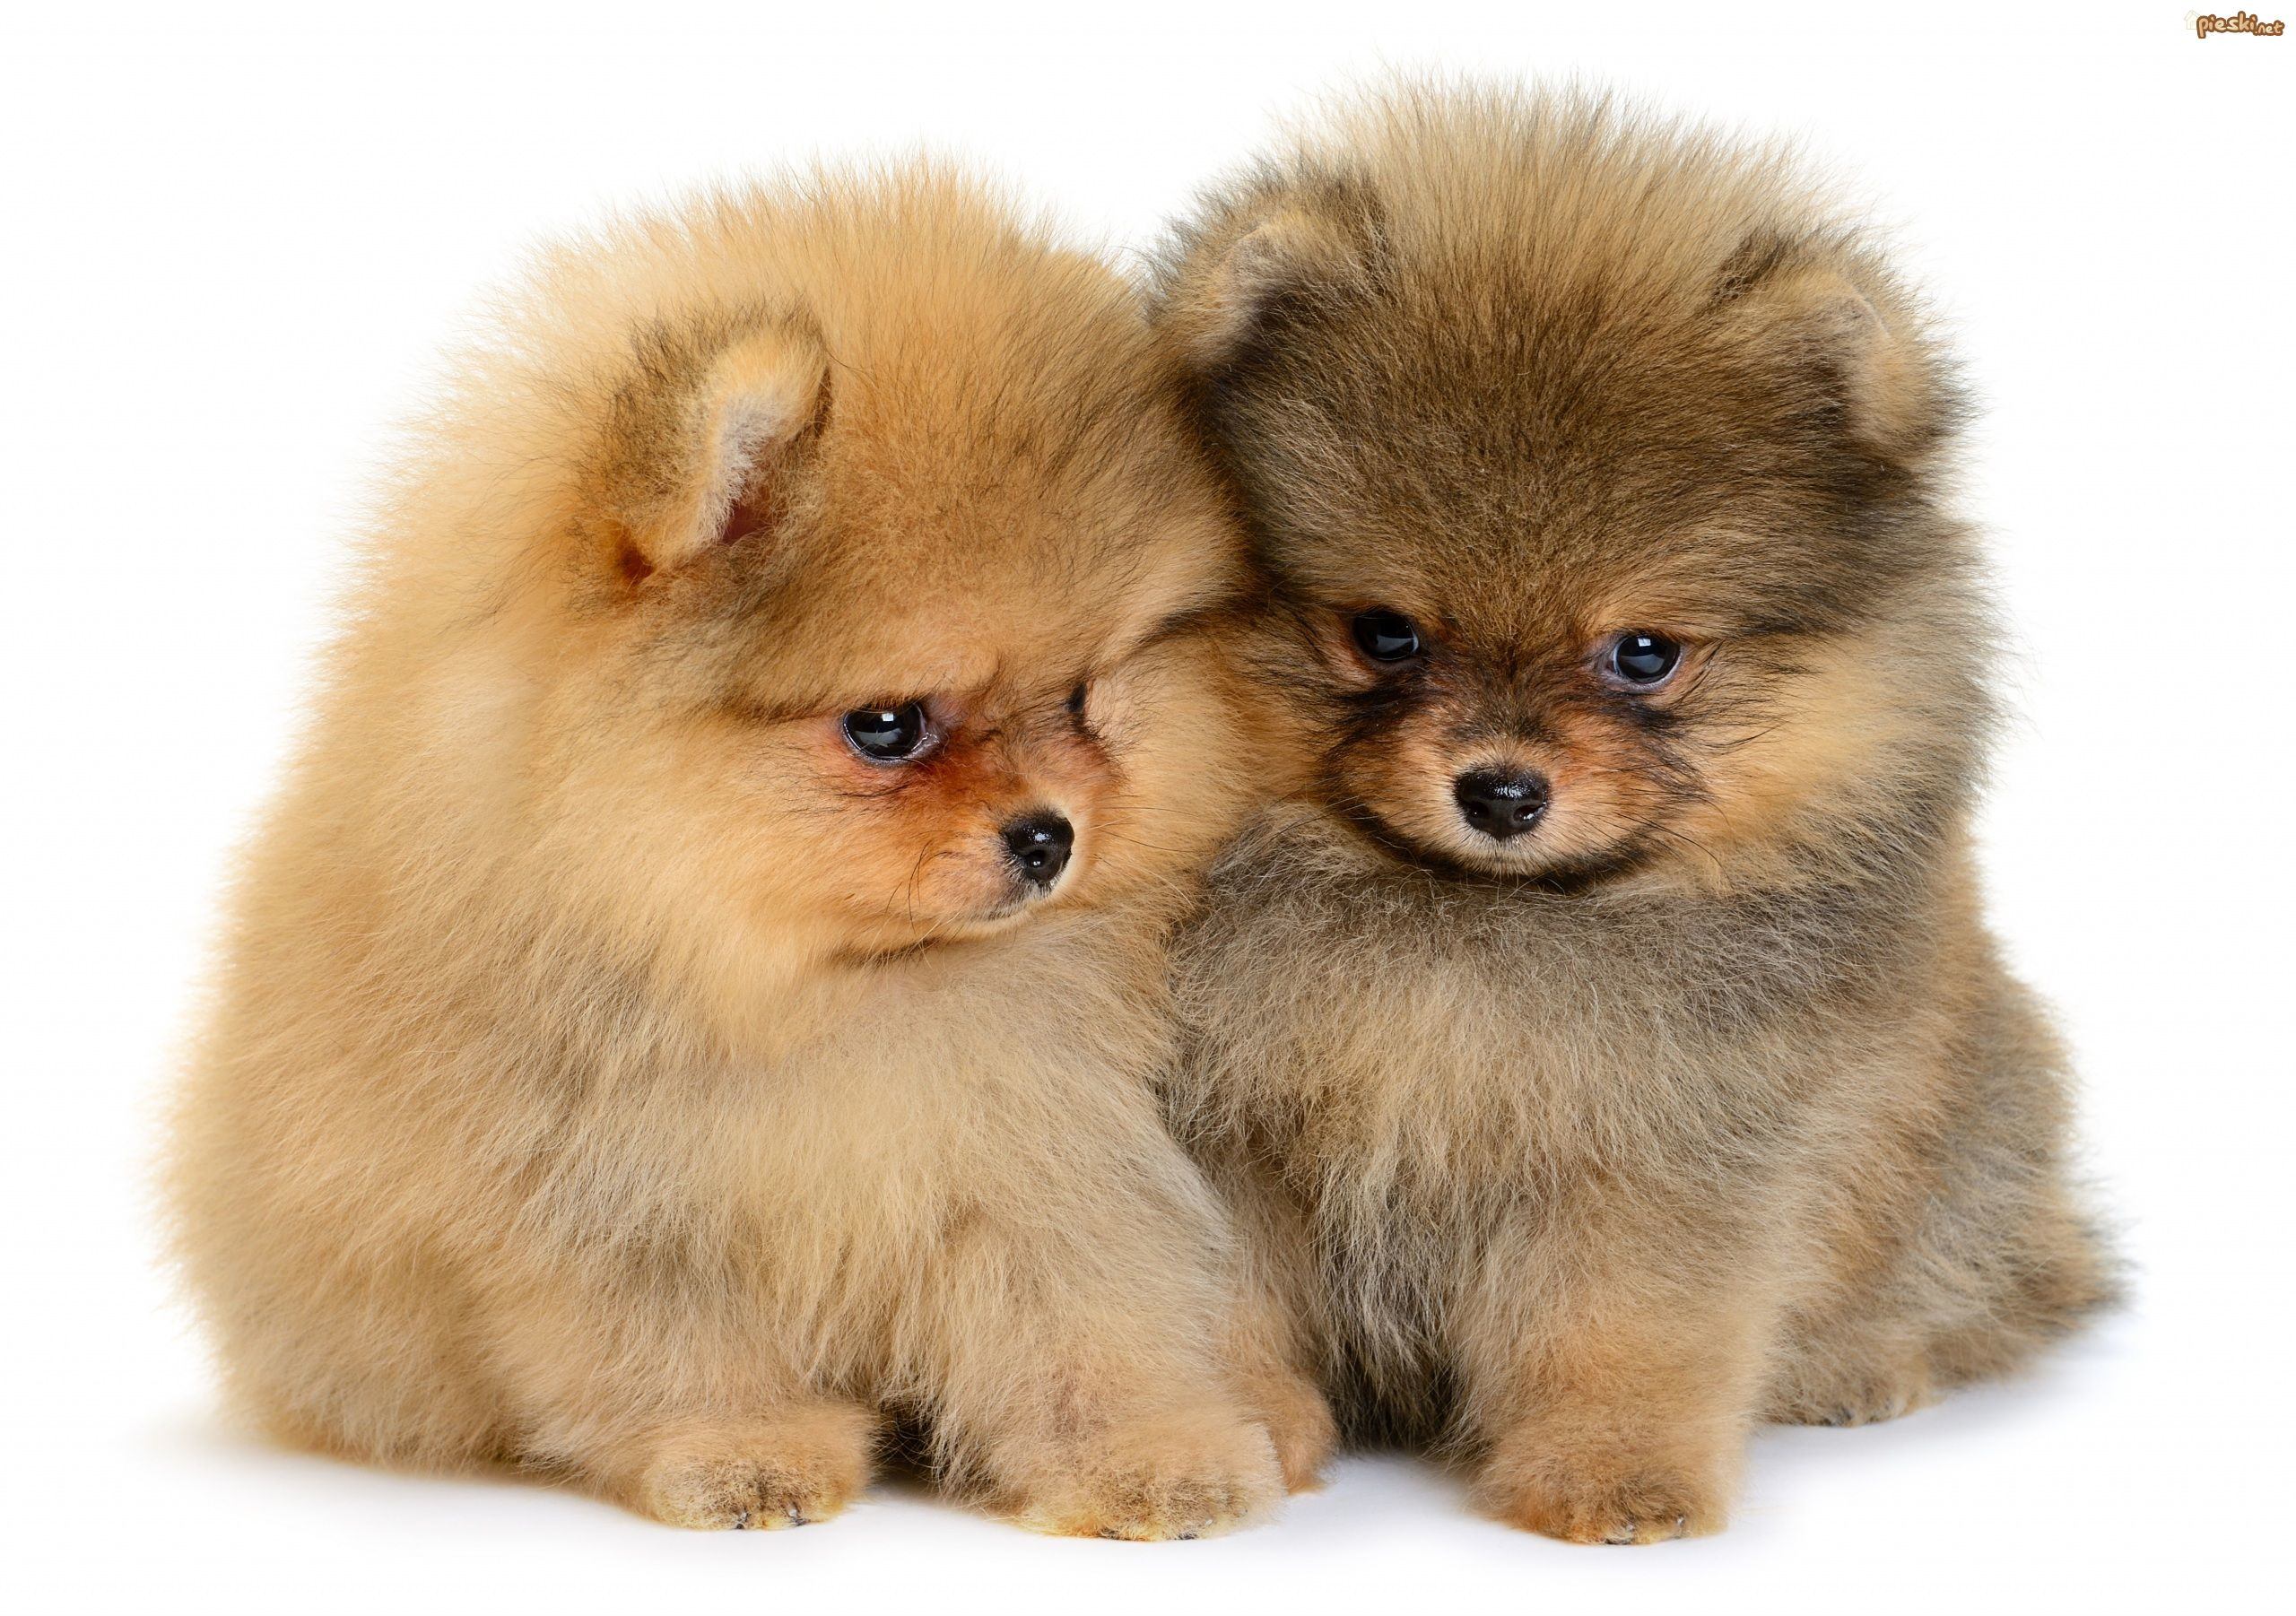 Inteligentny Pies Dwa, Psy, Szpice miniaturowe, Pomeraniany, Szczeniaki ZY08